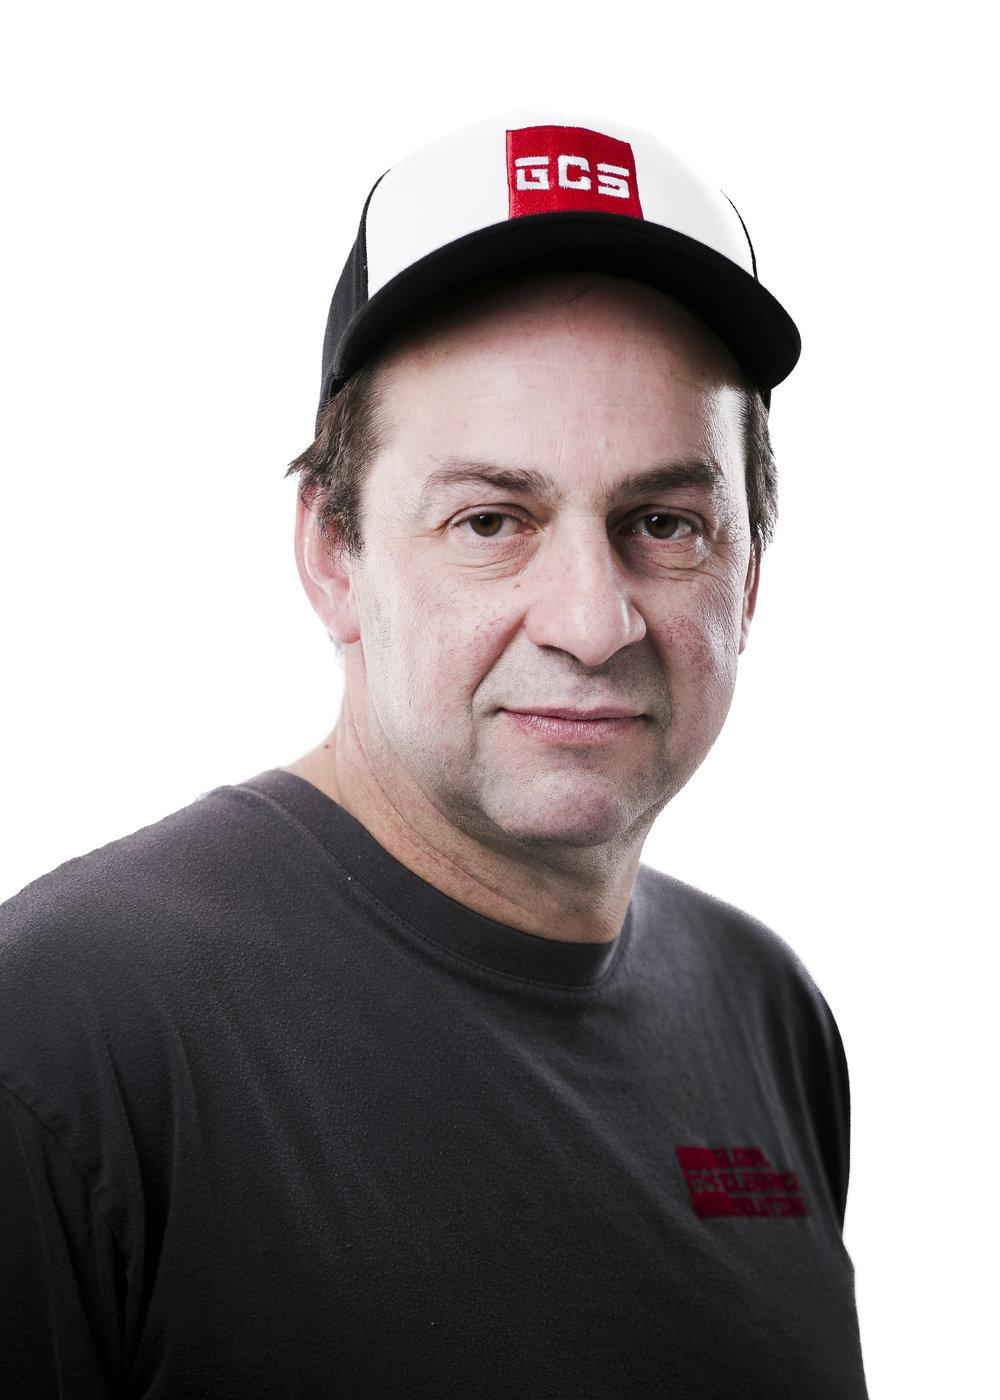 Volker Feiler, Mechanic